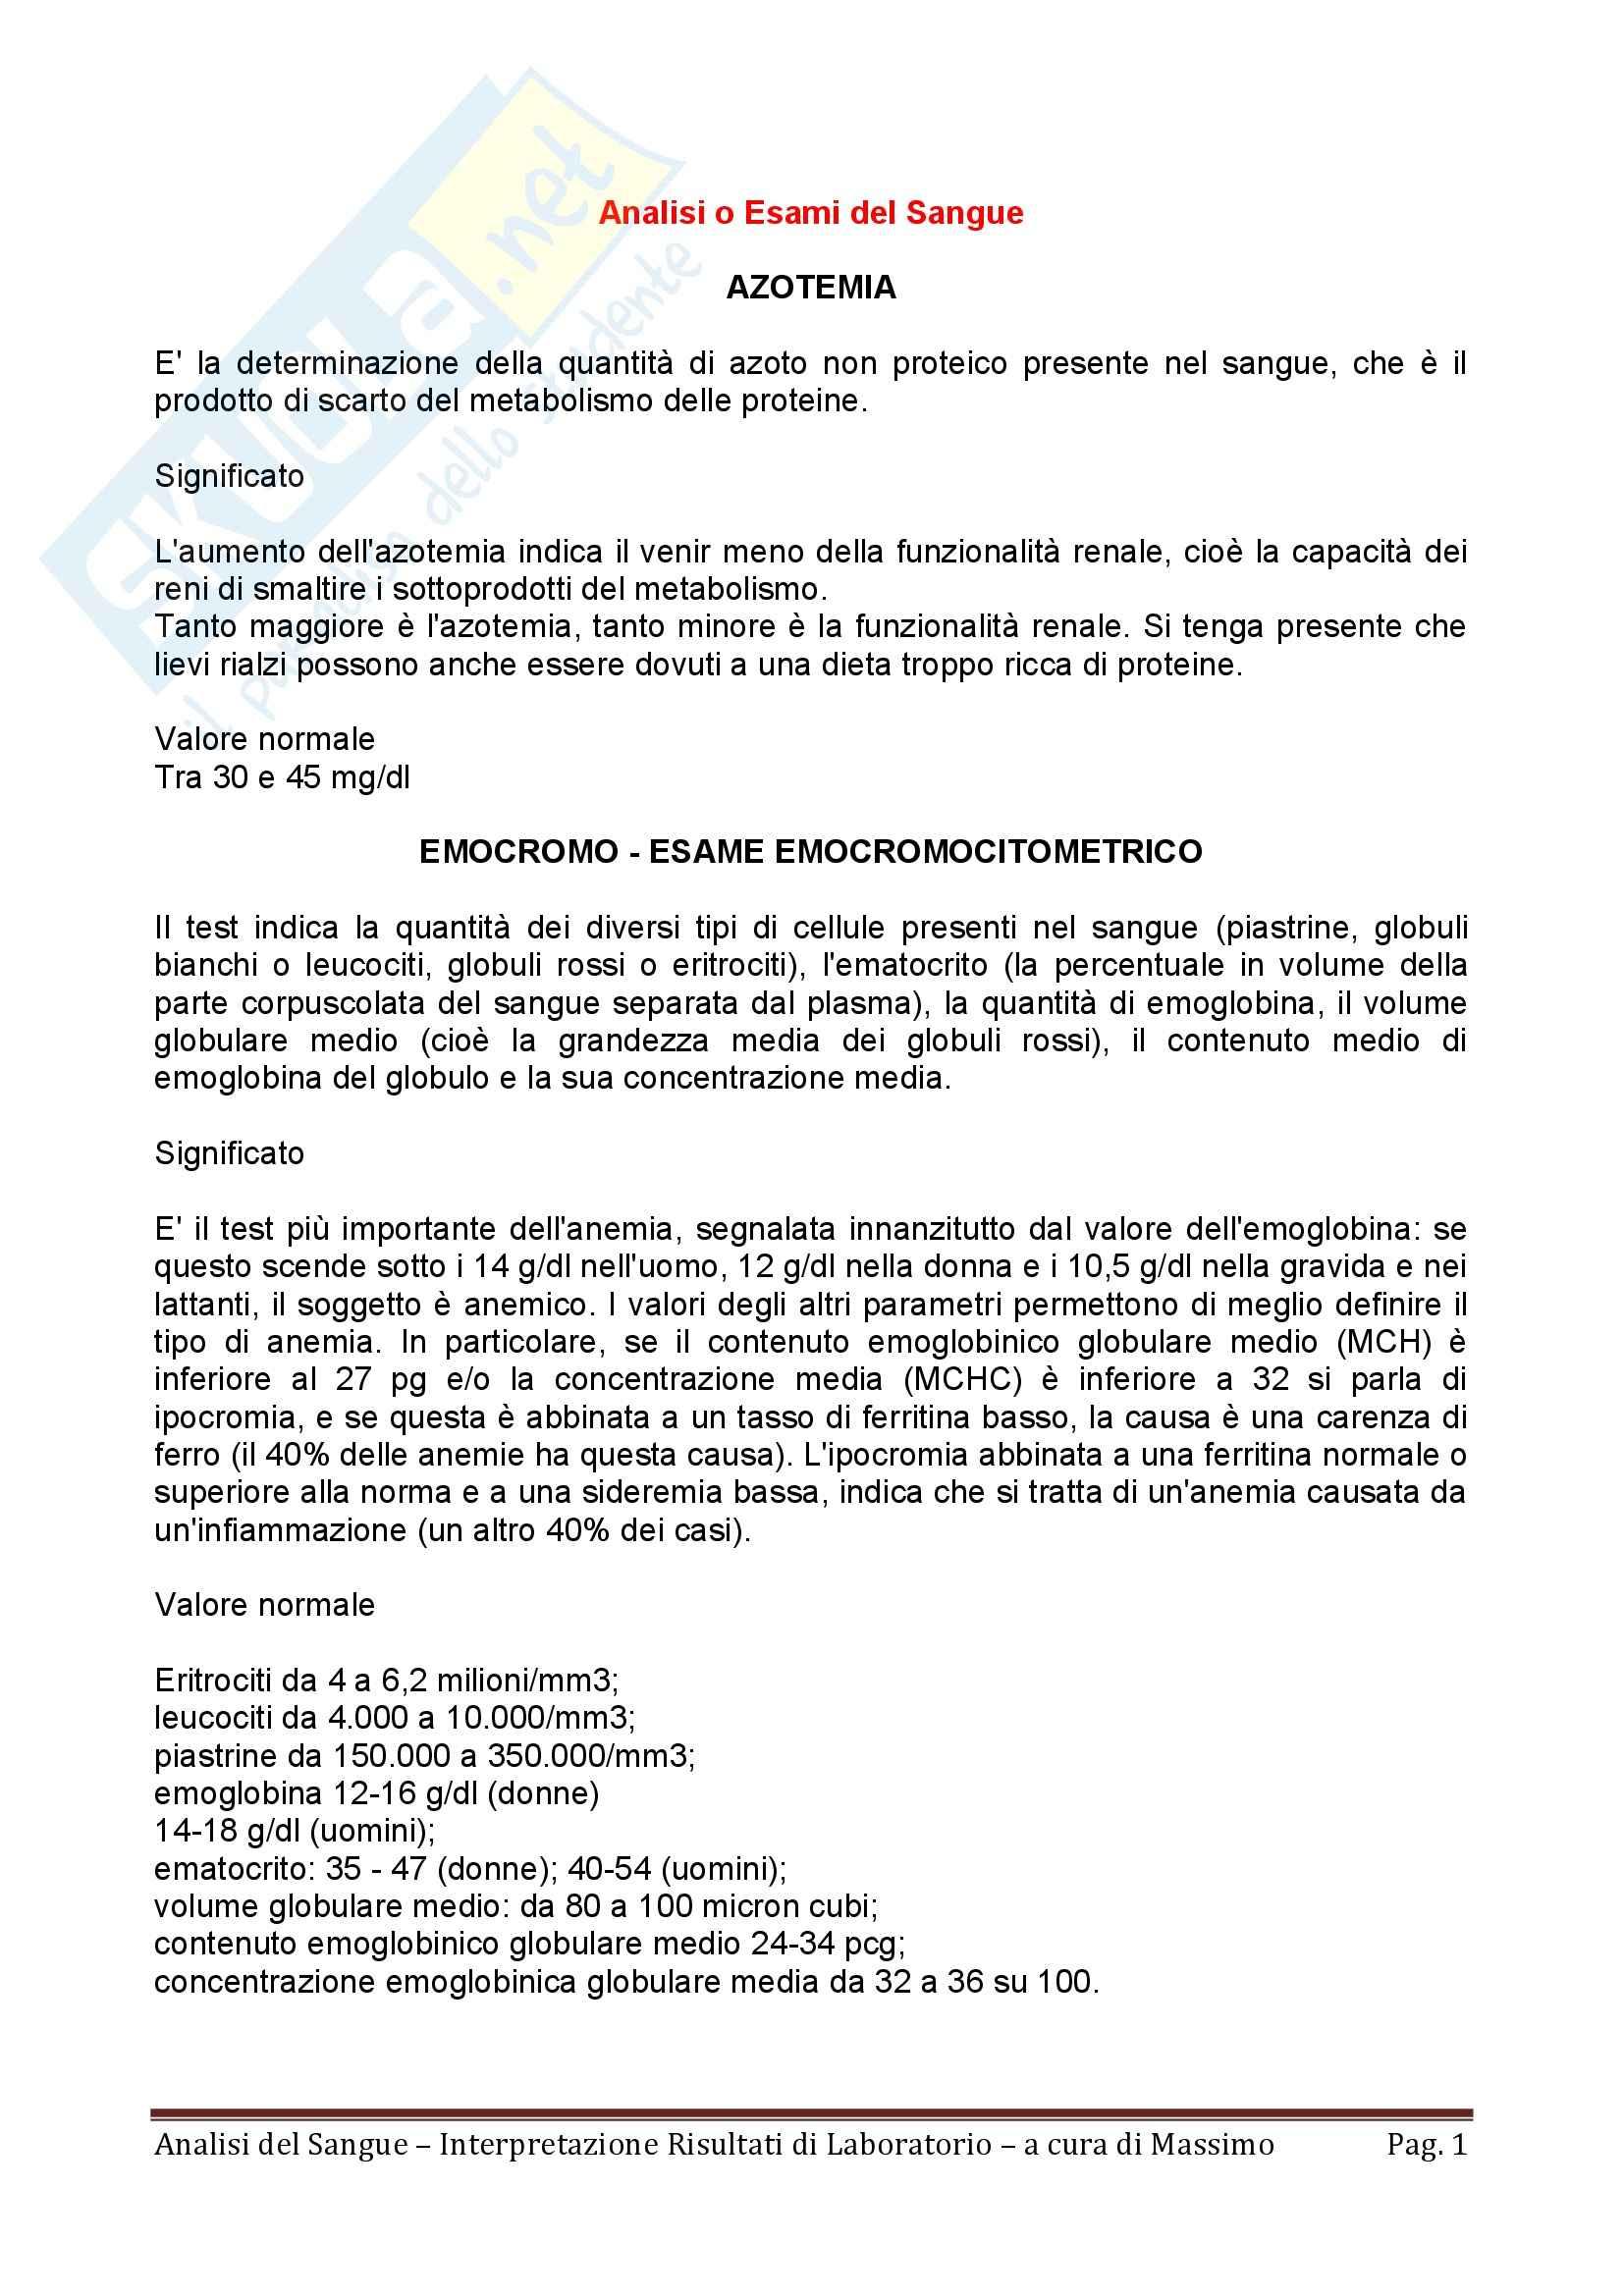 Ematologia - analisi del sangue e interpretazione dei risultati di laboratorio